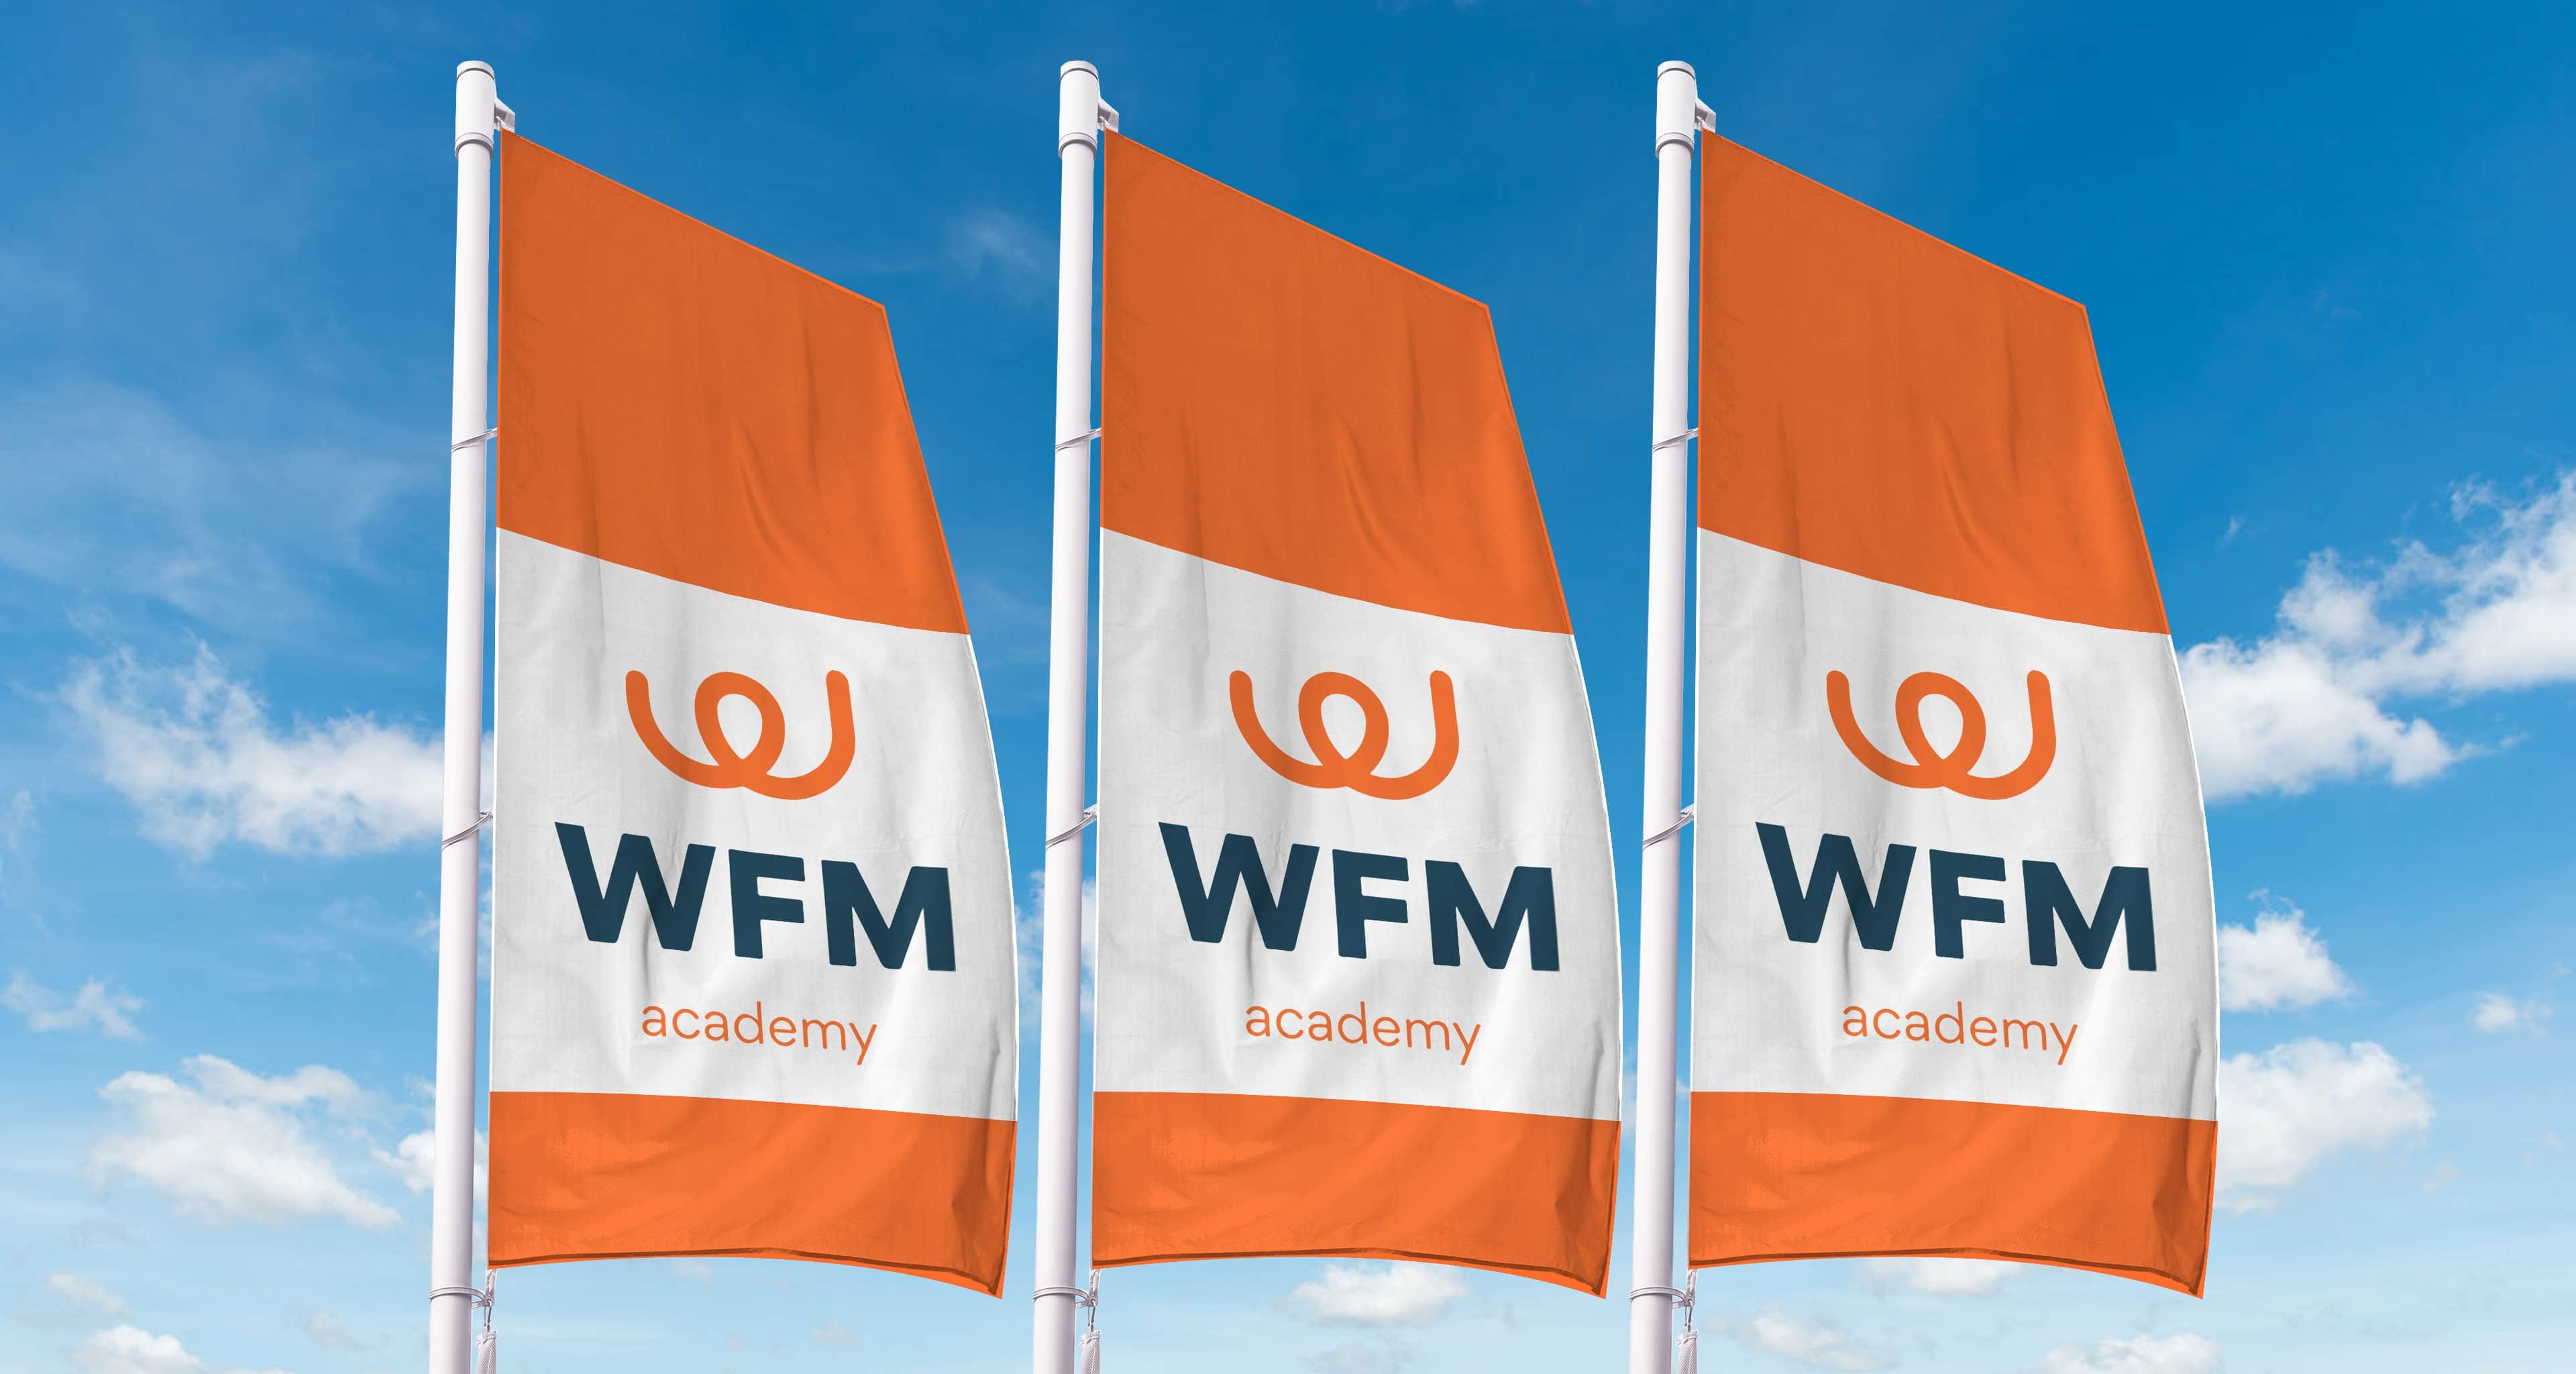 WFM Academy